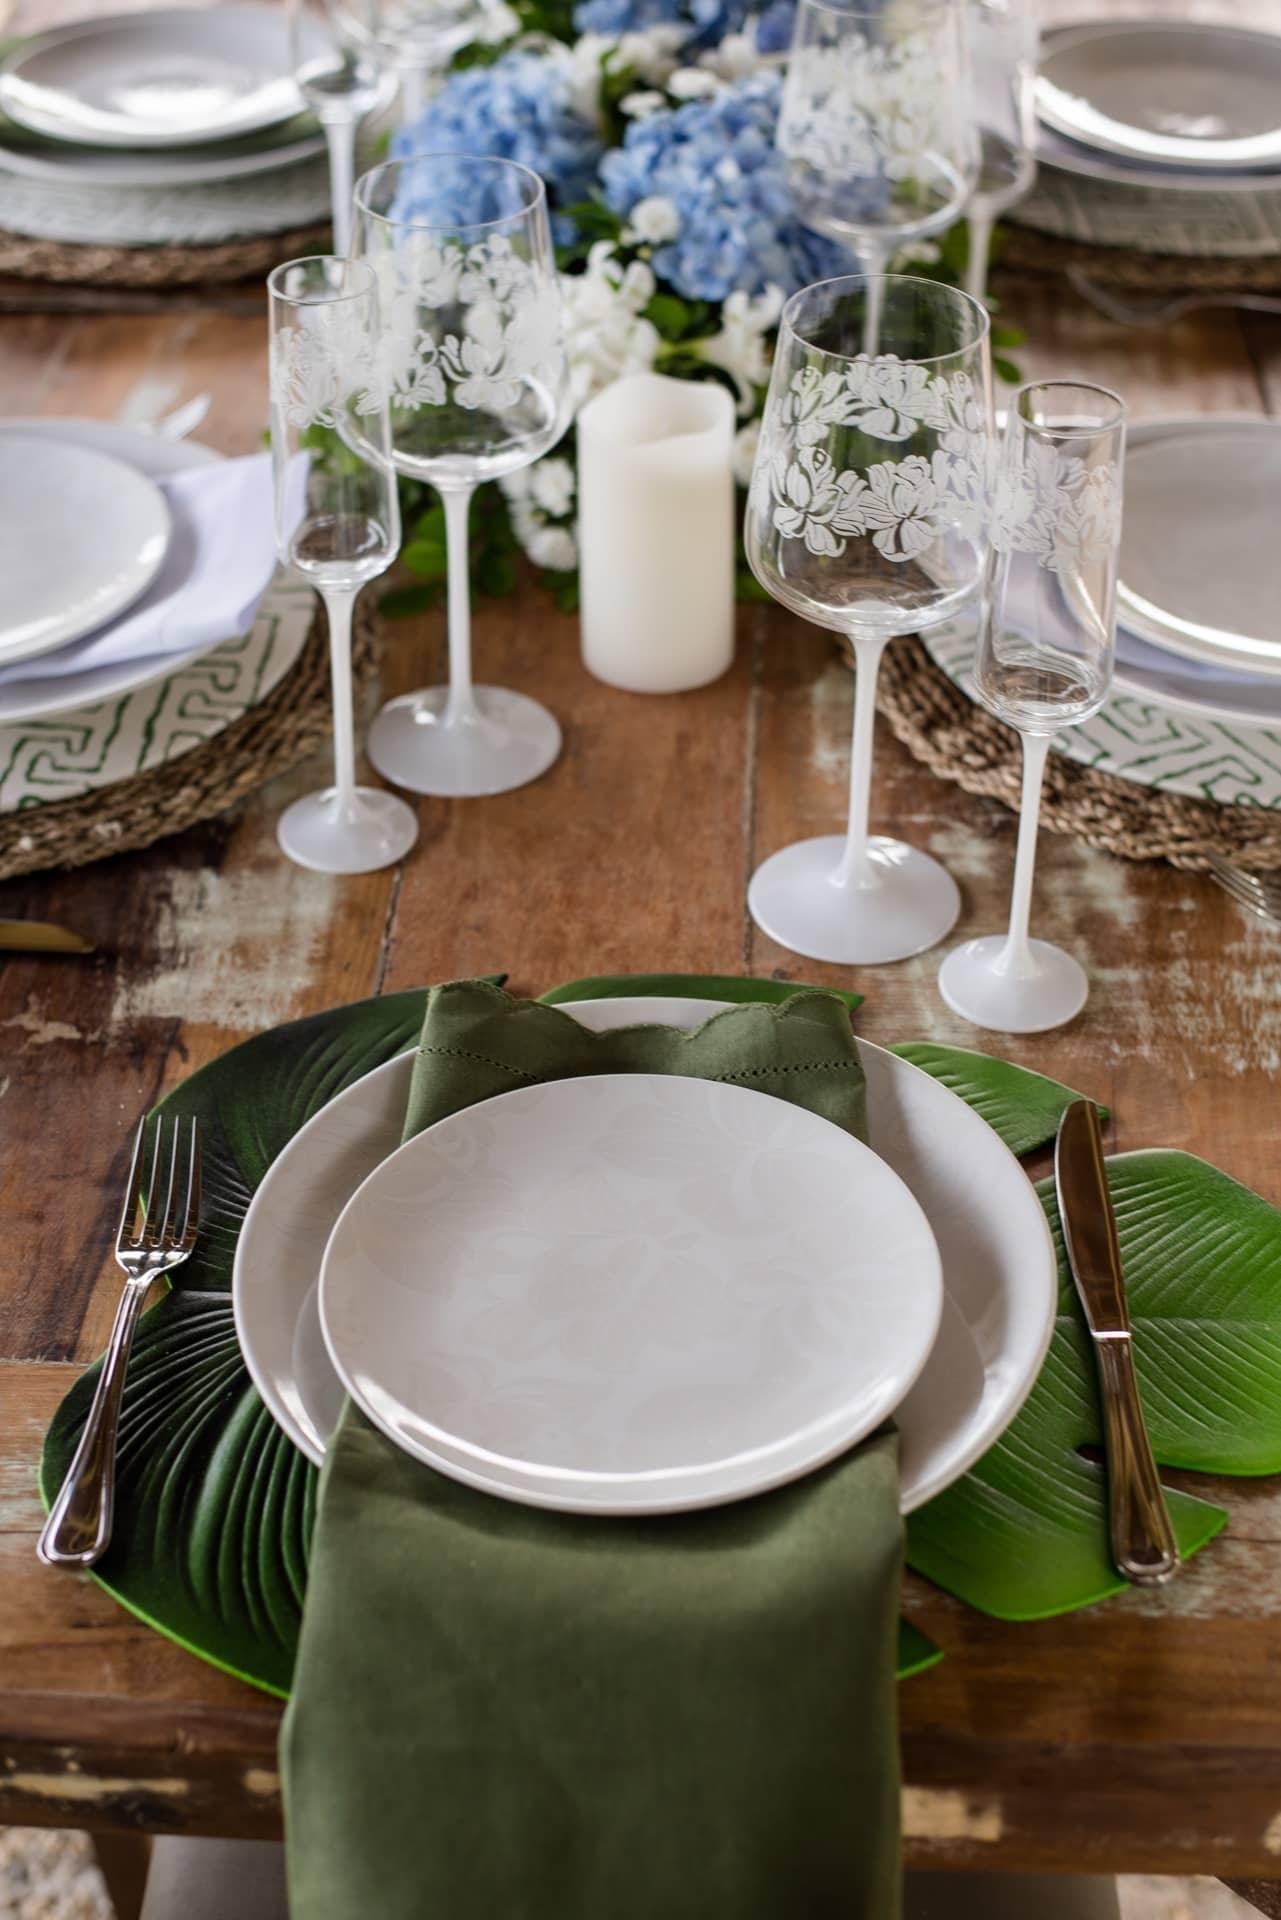 Imagem: Nas cabeceiras da mesa, os sousplats são diferentes dos demais: têm formato de folha, em harmonia com o clima campestre do almoço de casamento. Foto: Karla Rudnick/Produção: Ateliê da Mesa